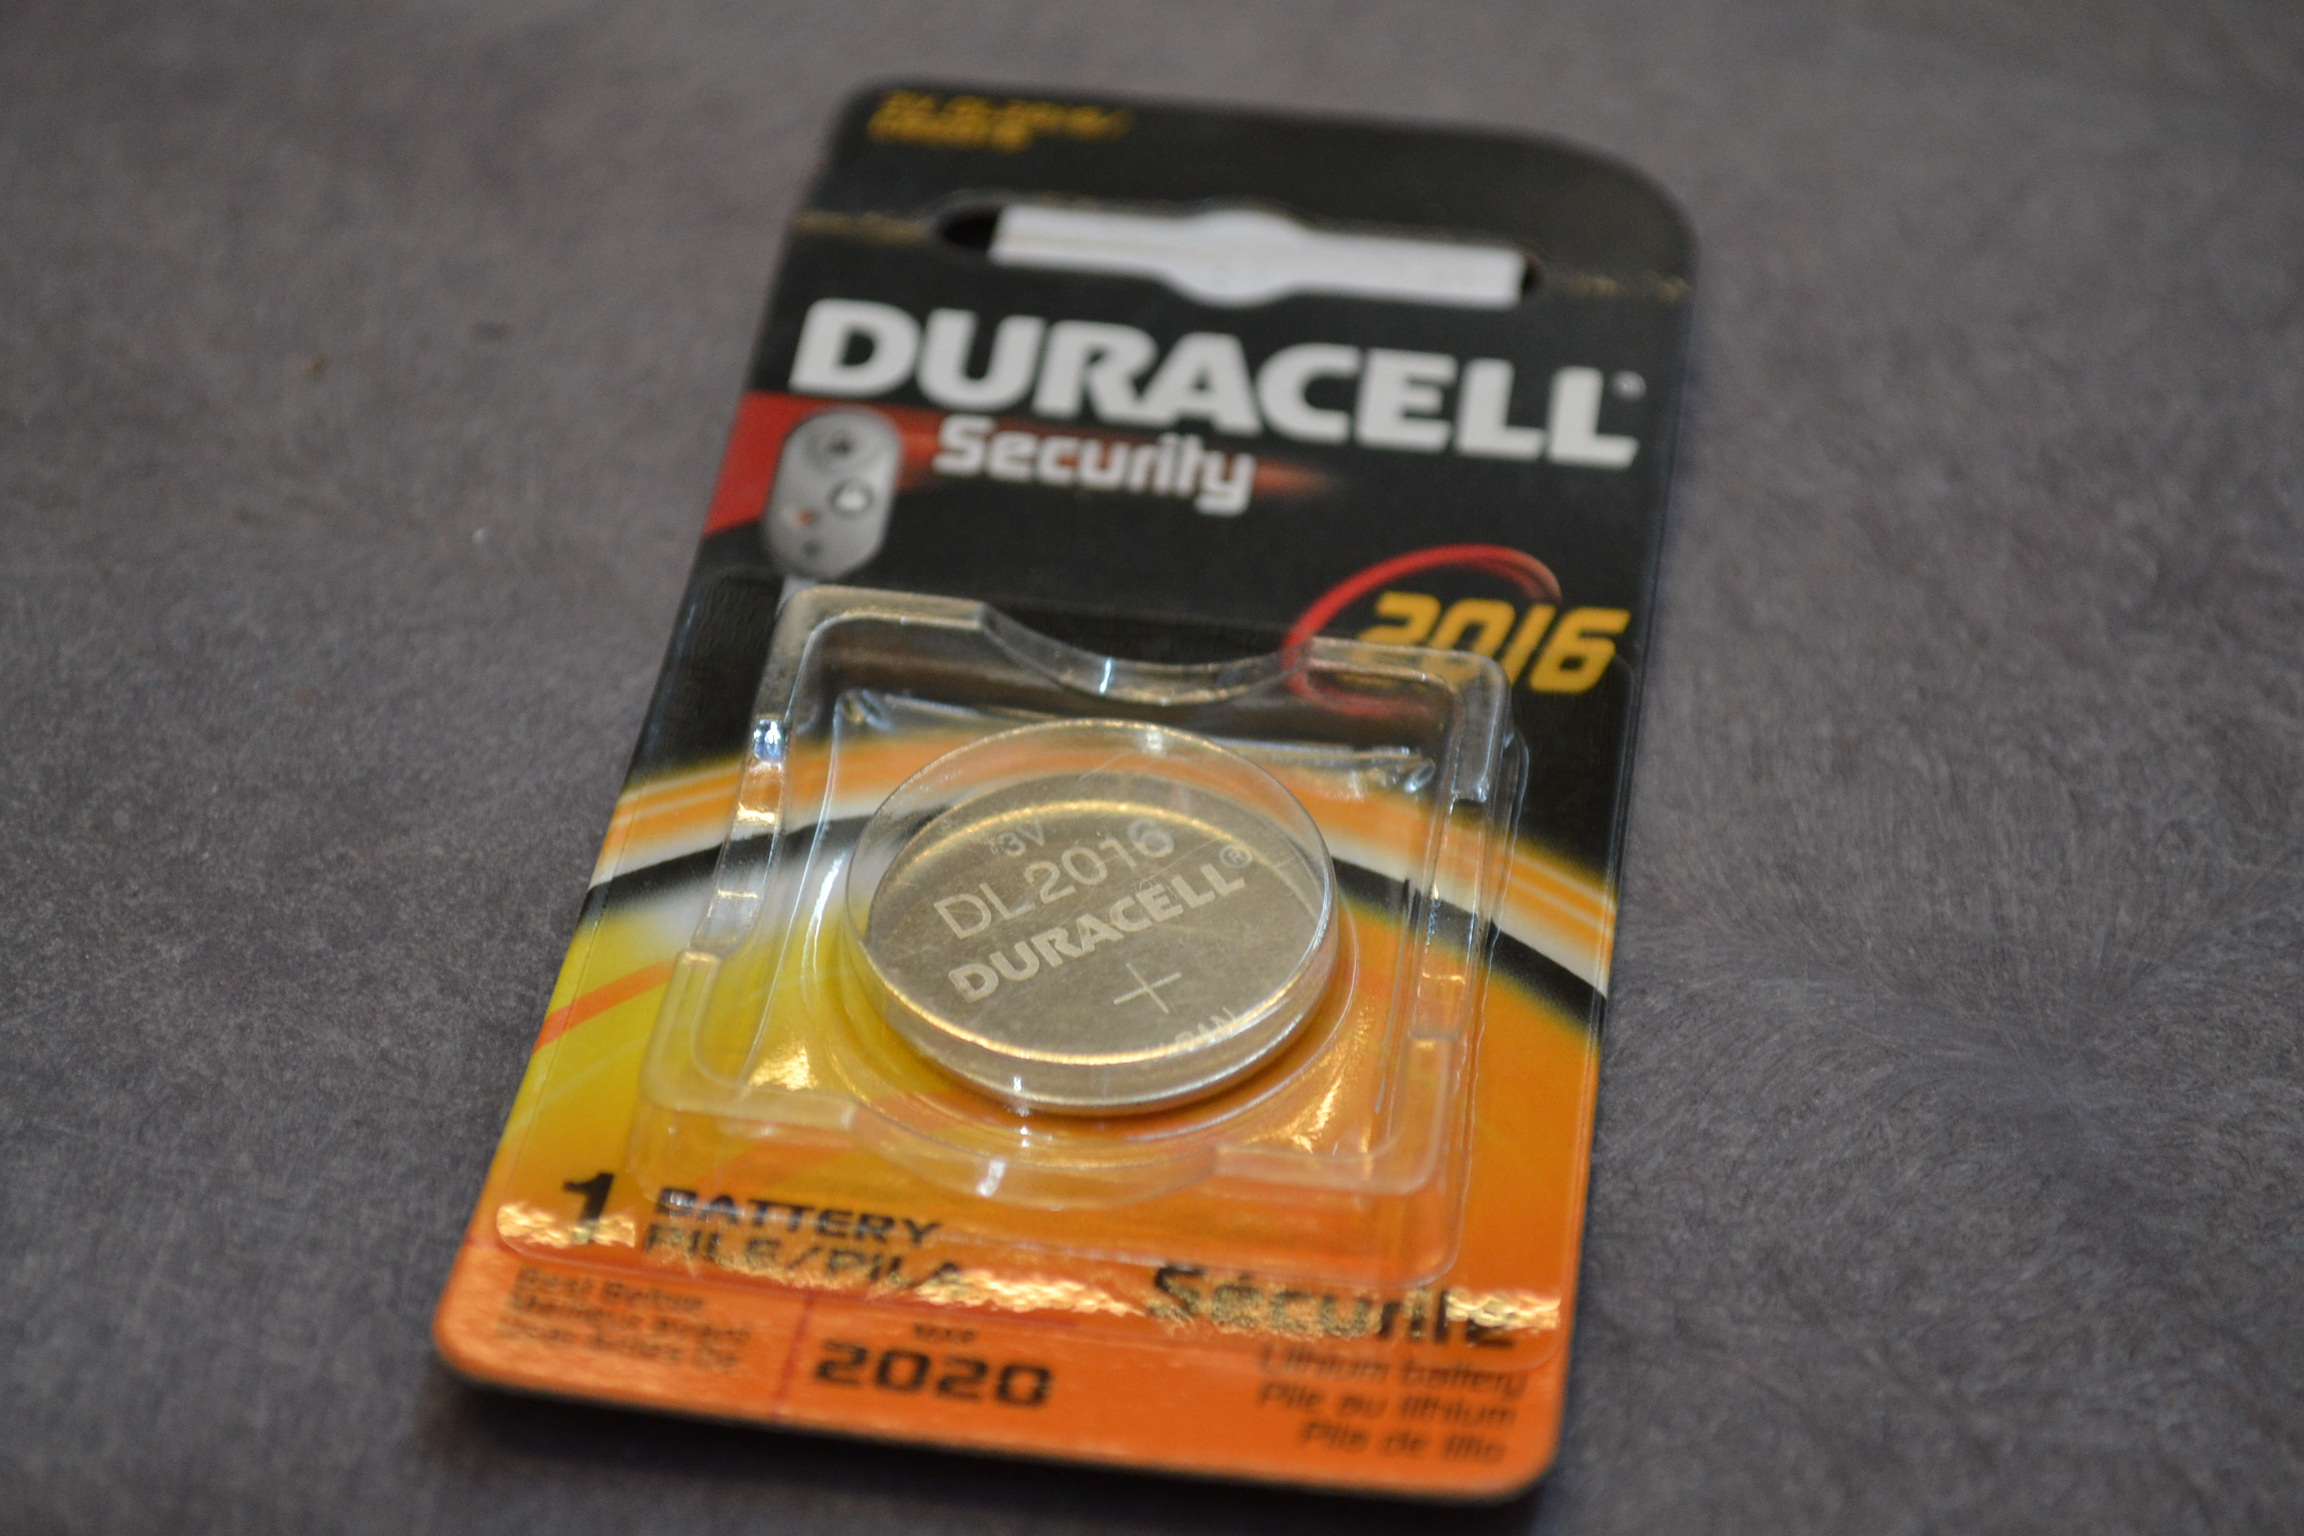 Duracell Security 2016 1 Count Coin Button Coin/Button